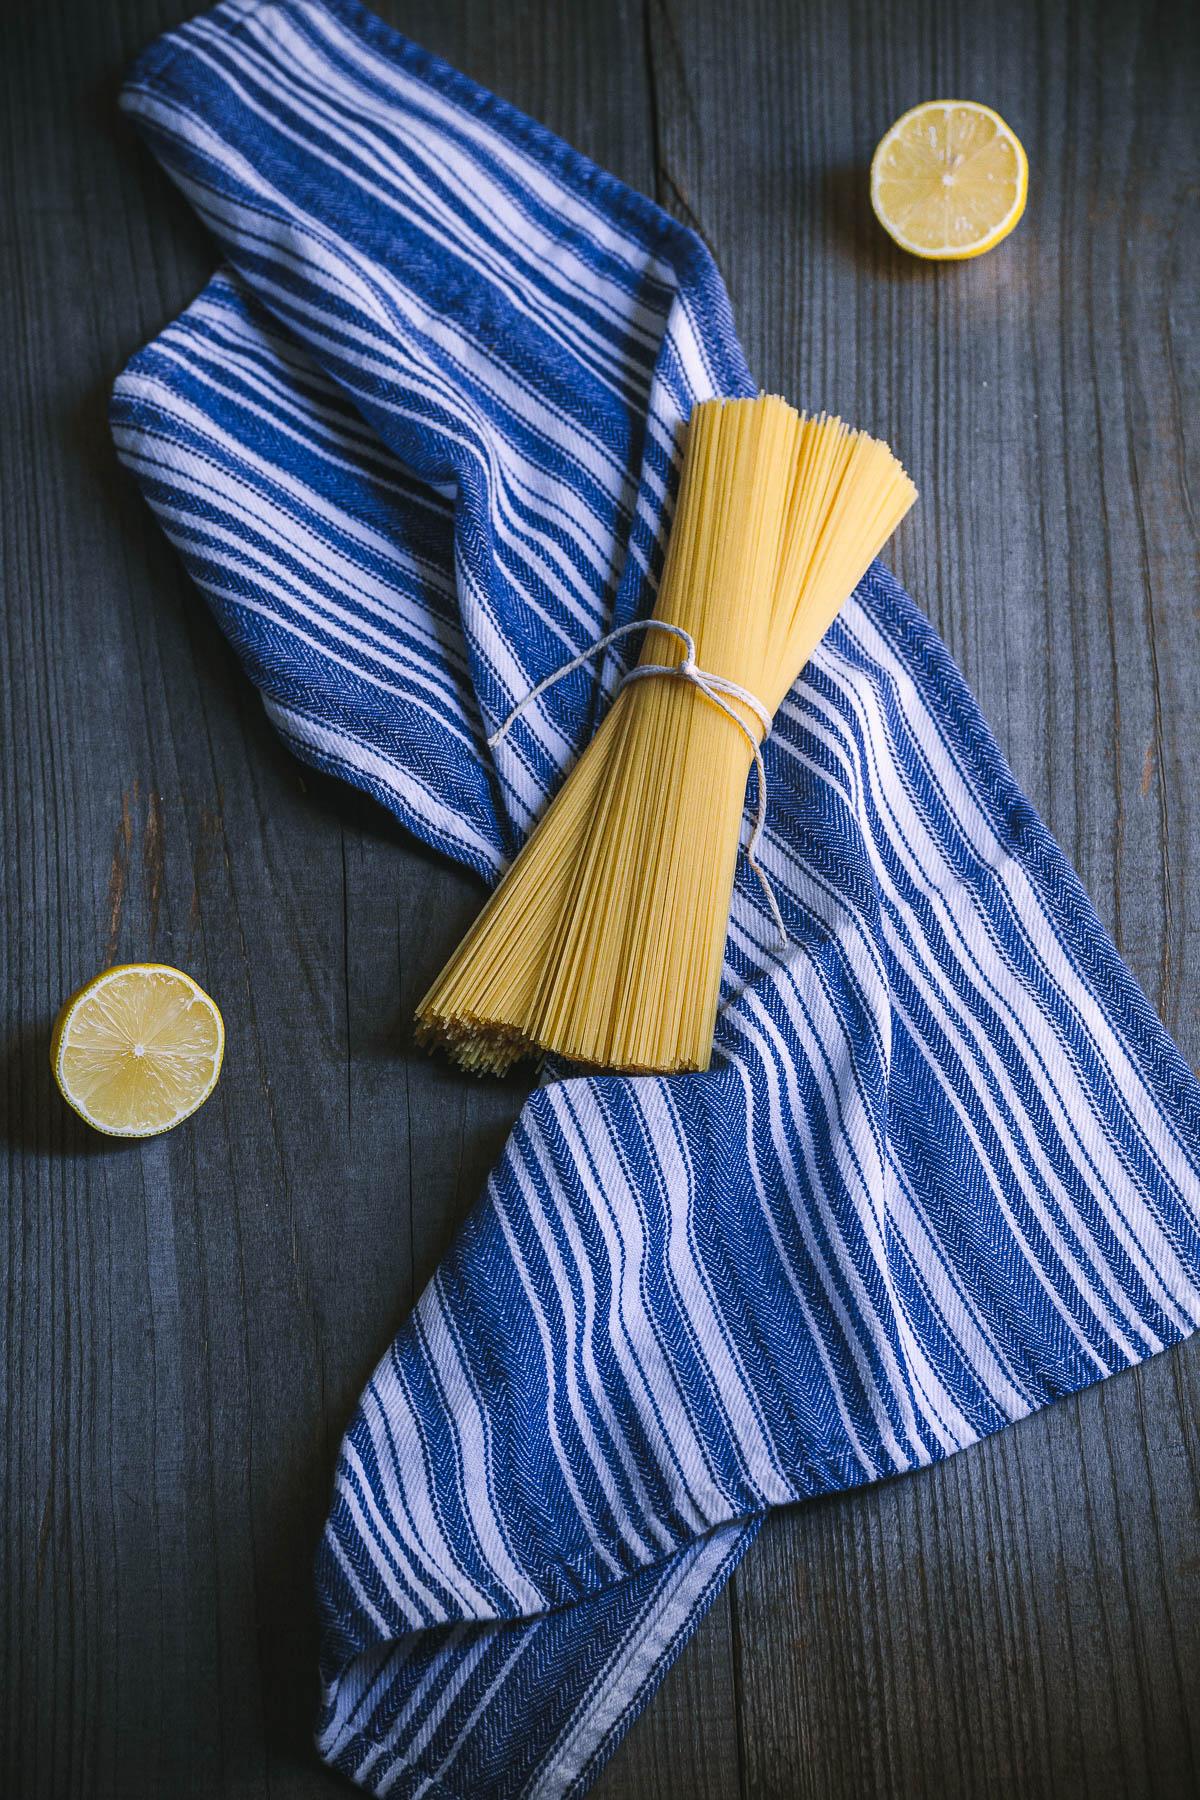 mississippi vegan chanterelle pasta-5745 pasta and lemons.JPG